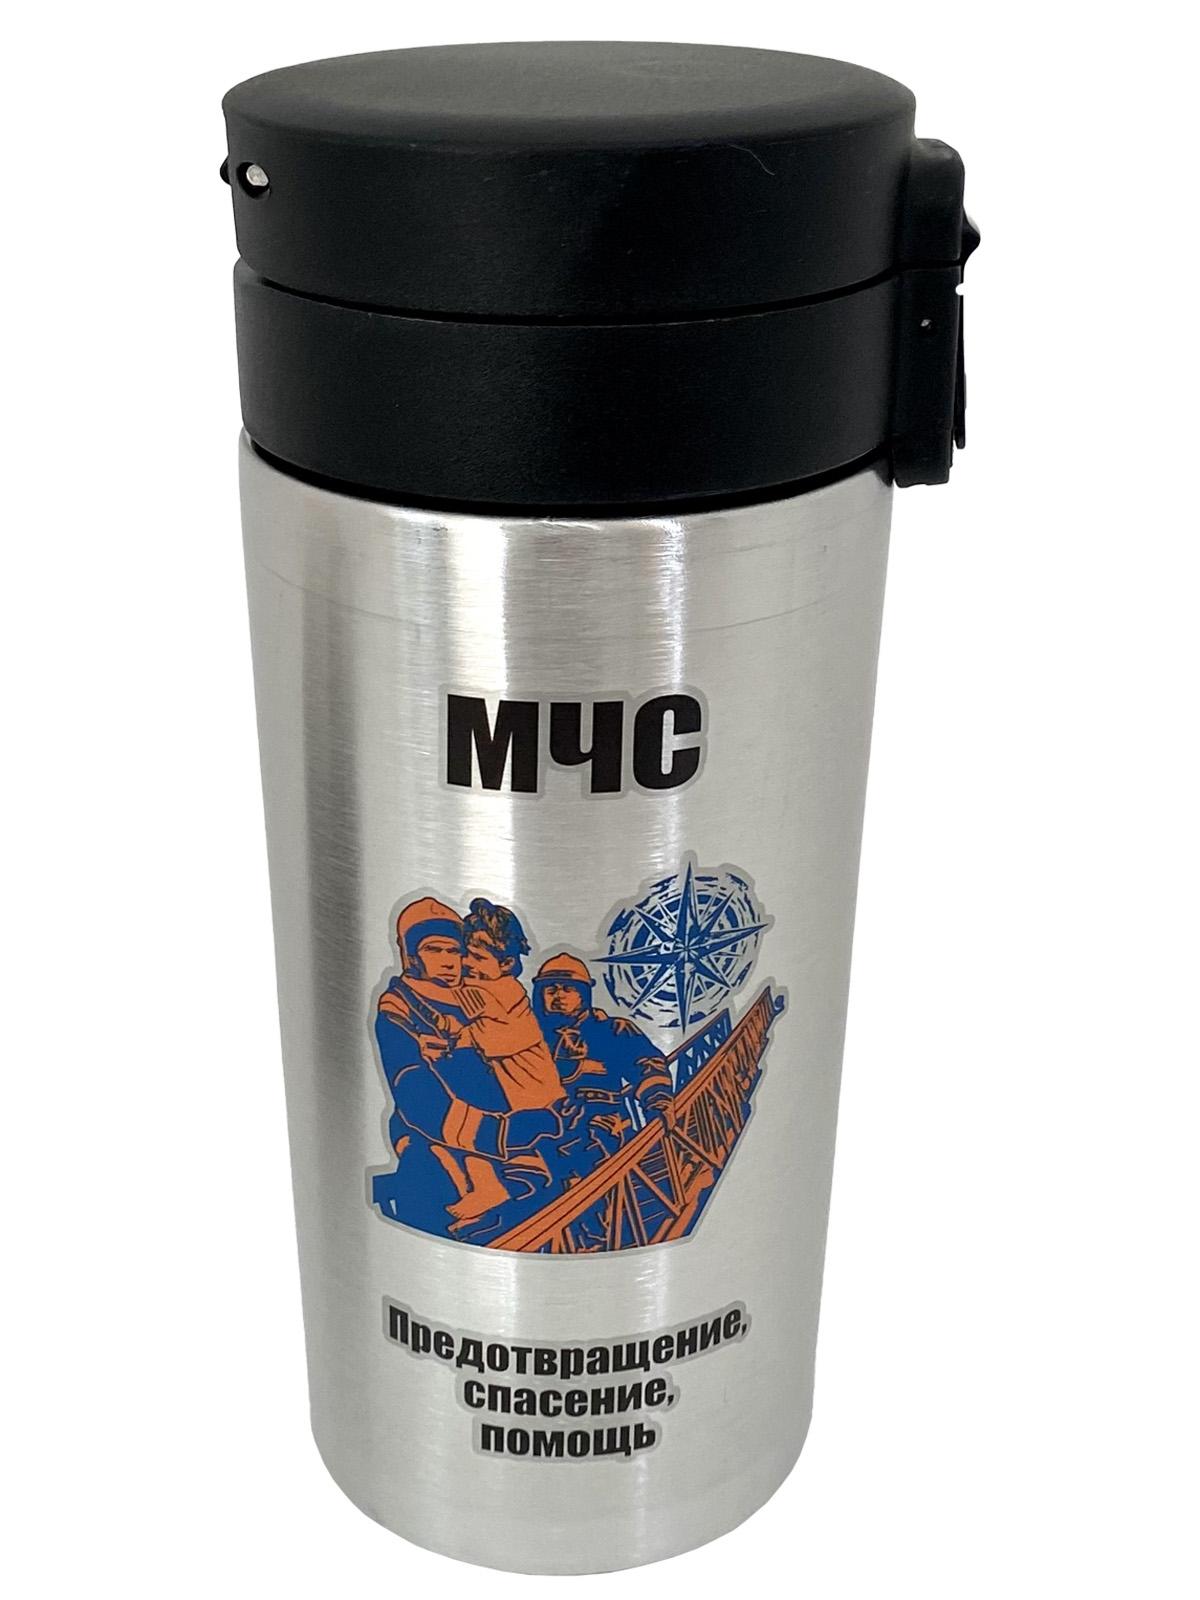 Металлическая термокружка МЧС